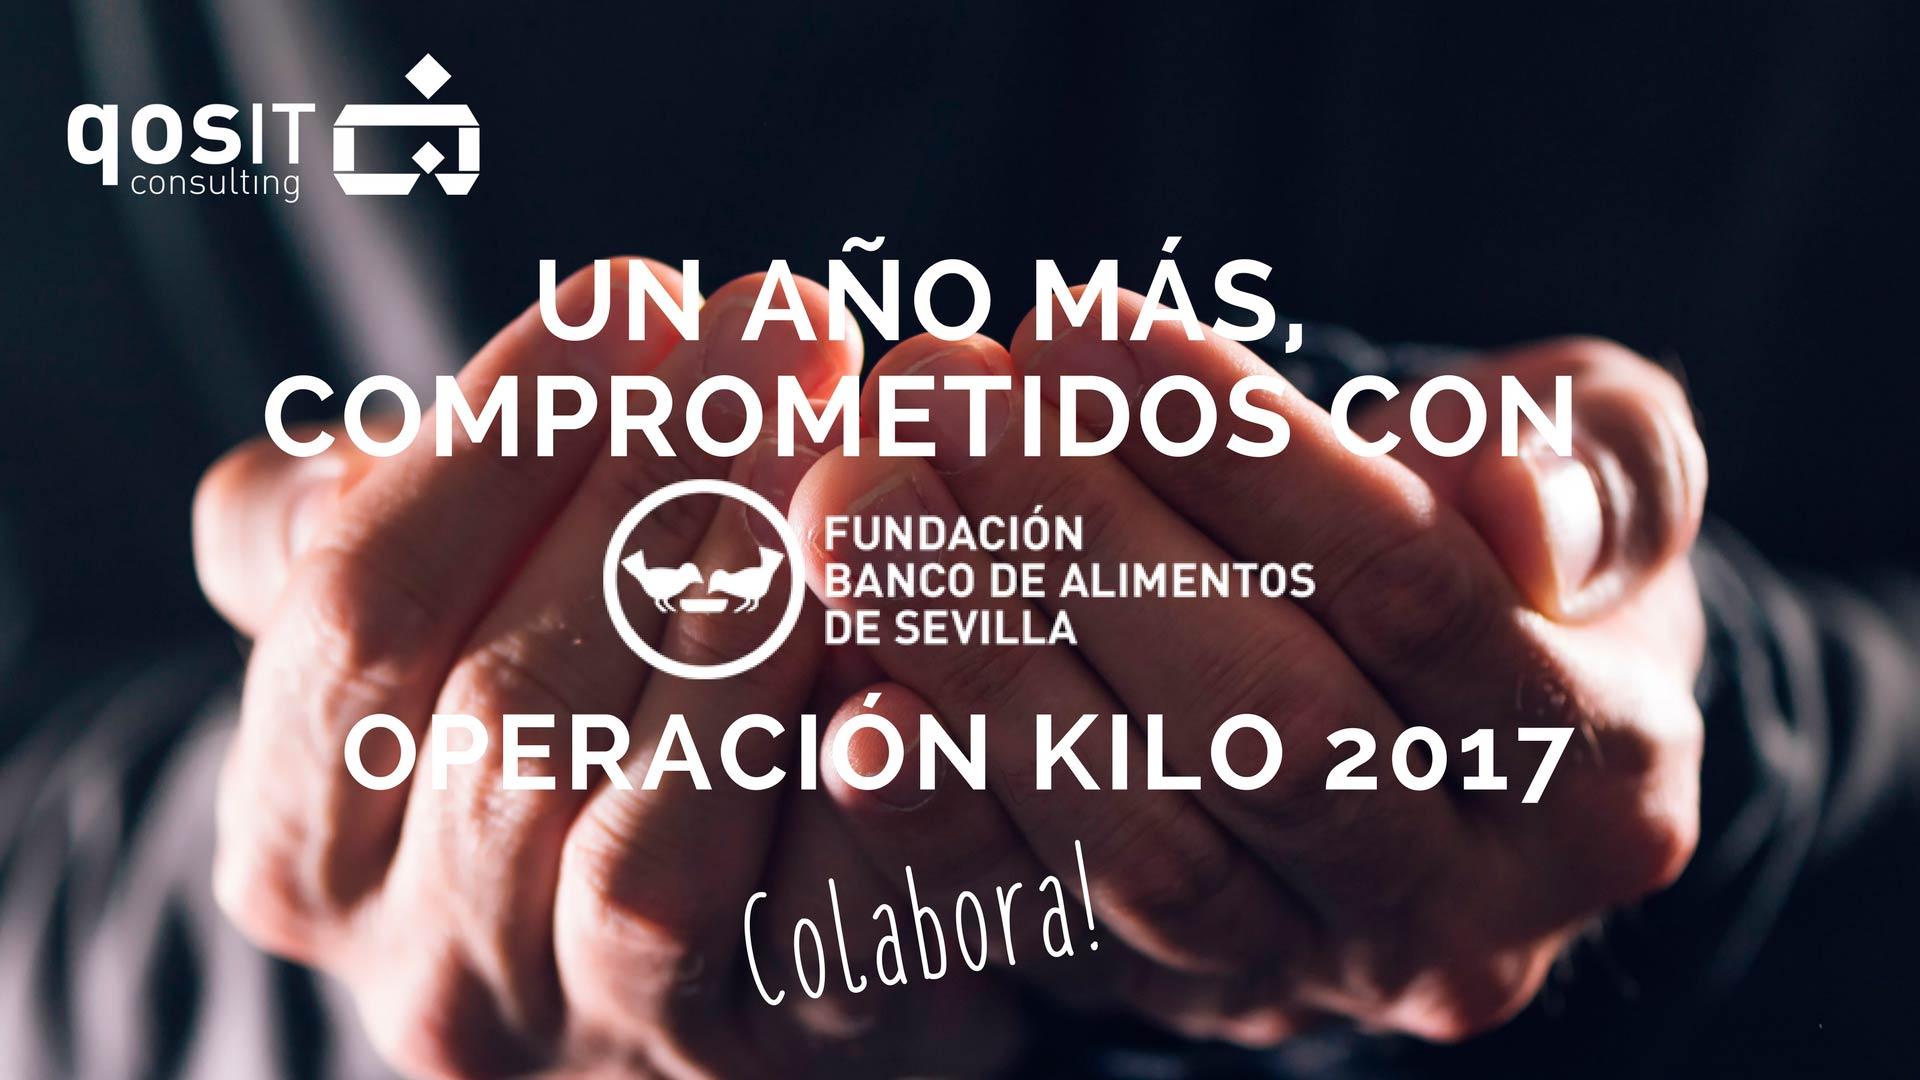 Operación Kilo 2017 - qosITconsulting